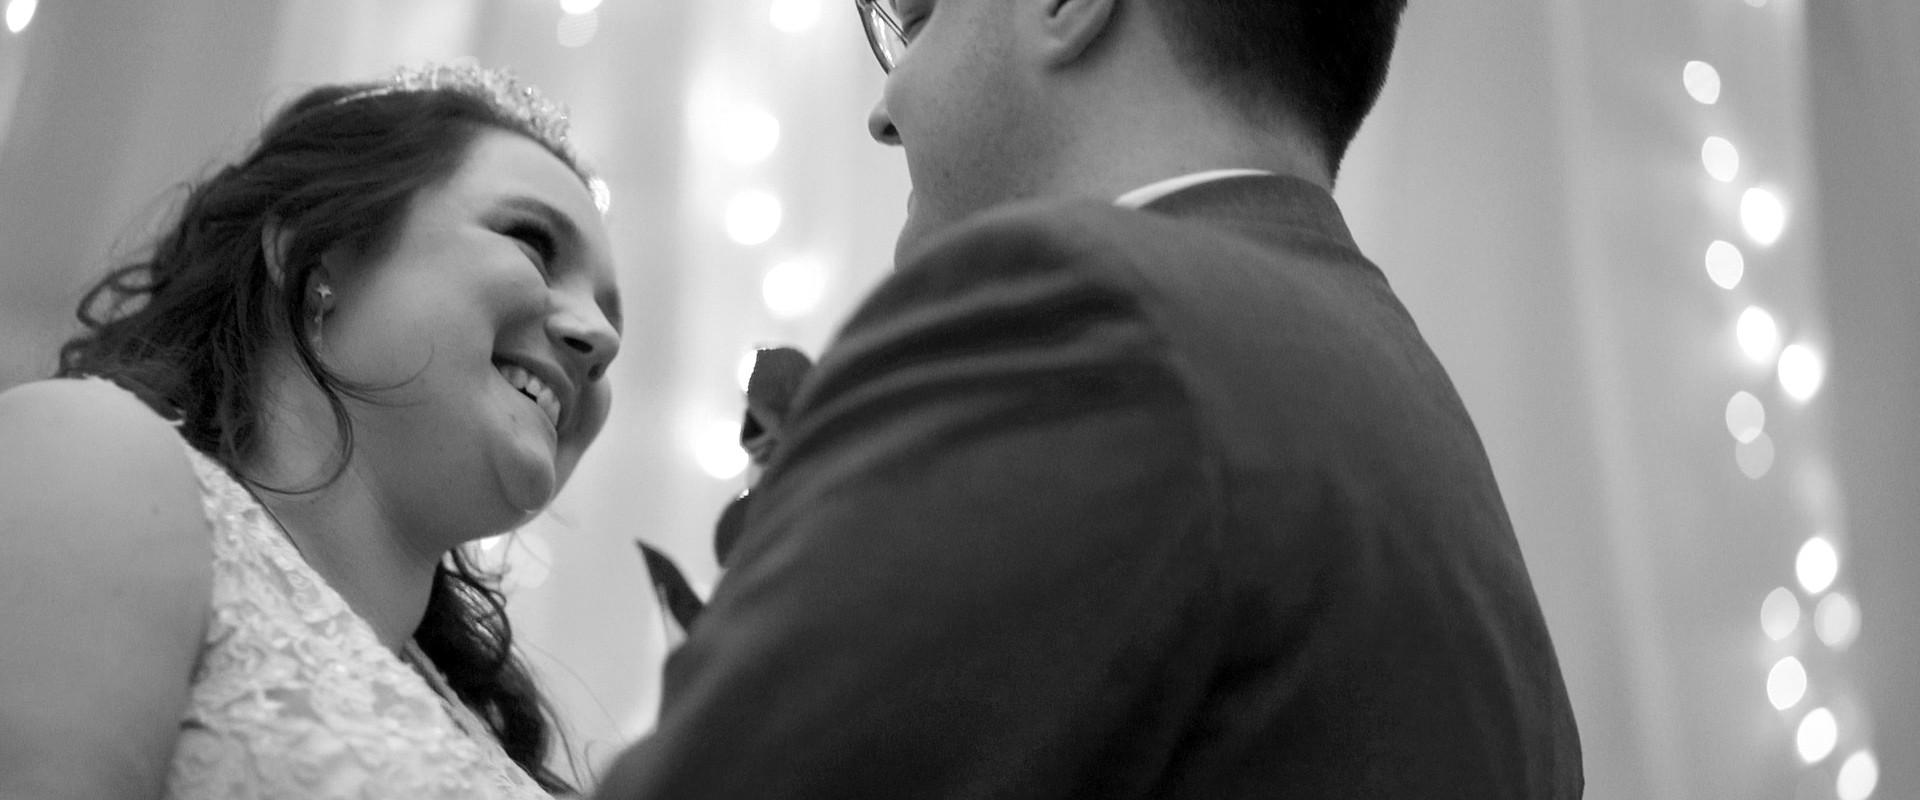 Wedding-ShortFilm-BW.00_05_36_10.Still04